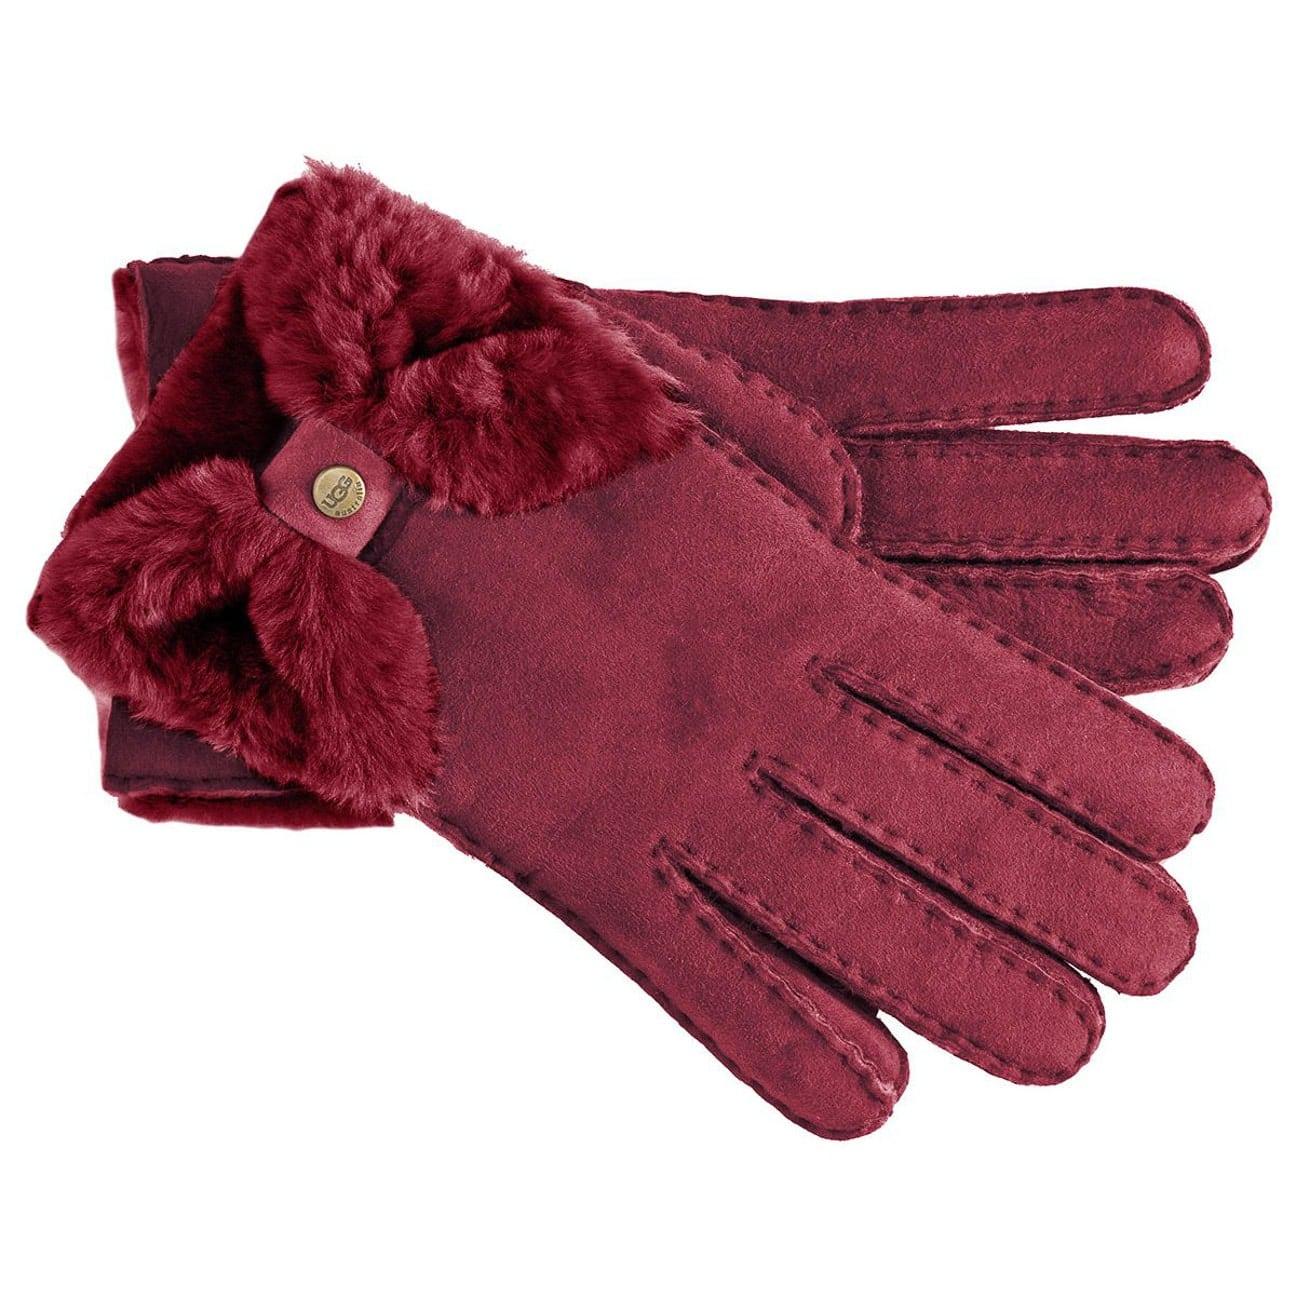 UGG gants pour hommes france